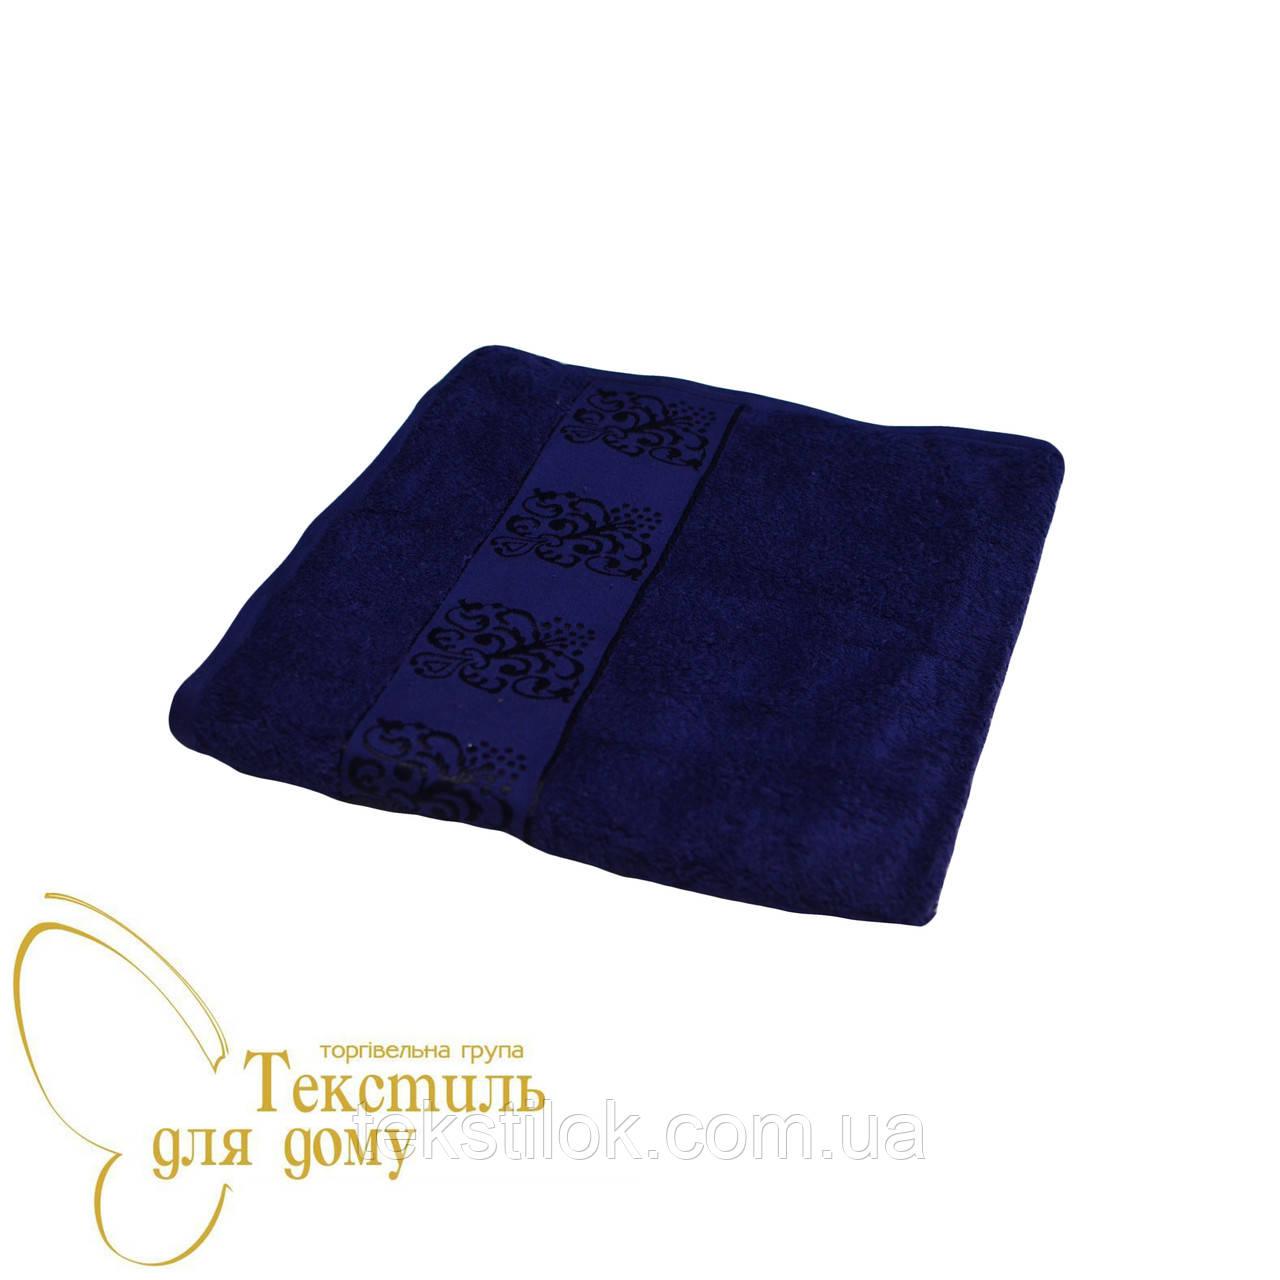 Полотенце банное Motif 70*140, синее